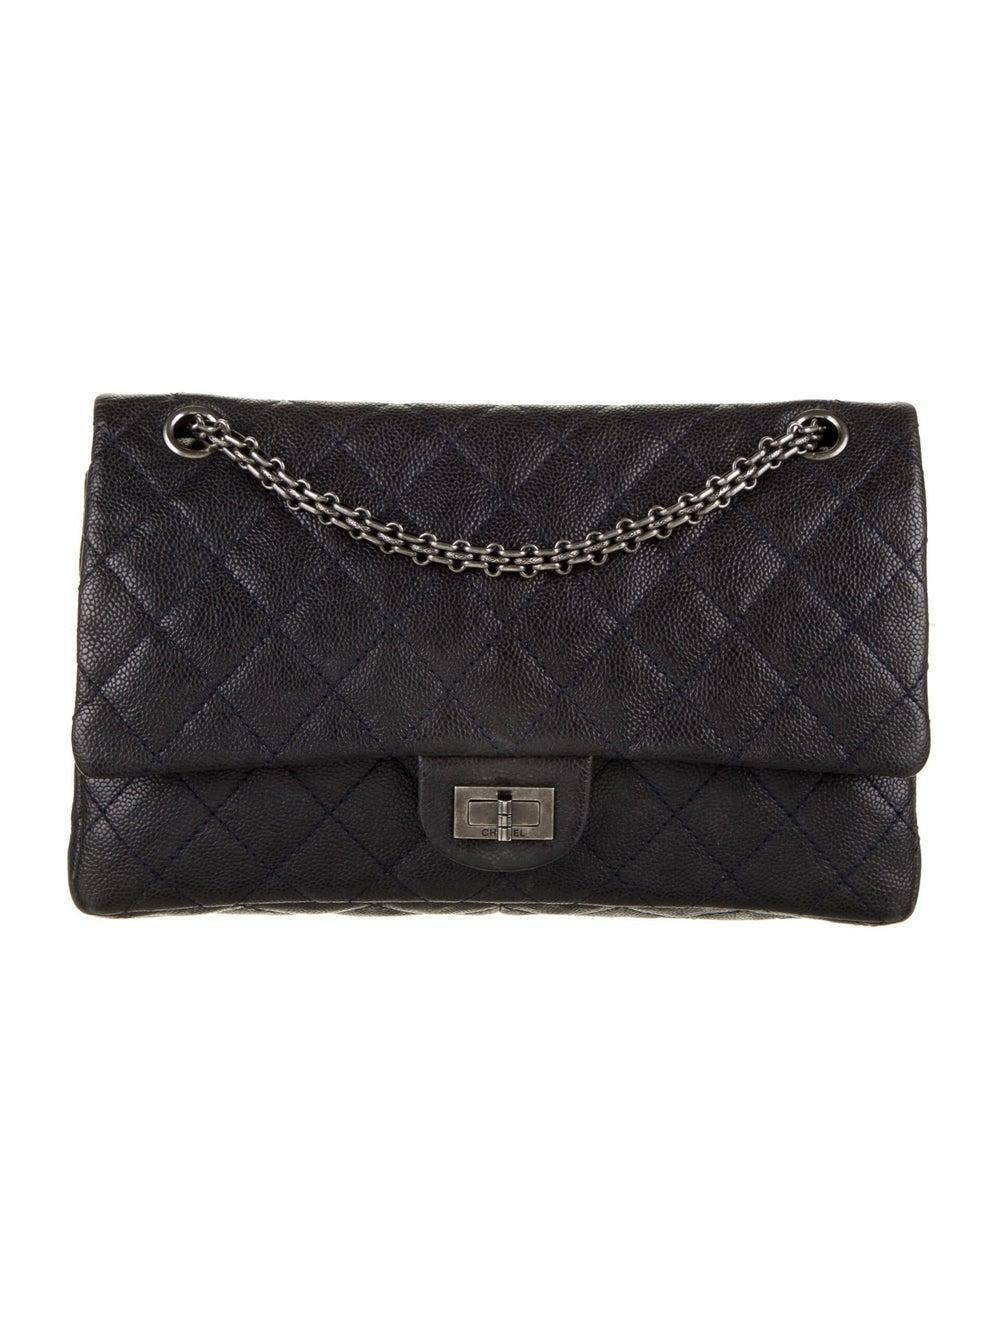 Chanel Vintage Reissue 226 Double Flap Bag Blue - image 1